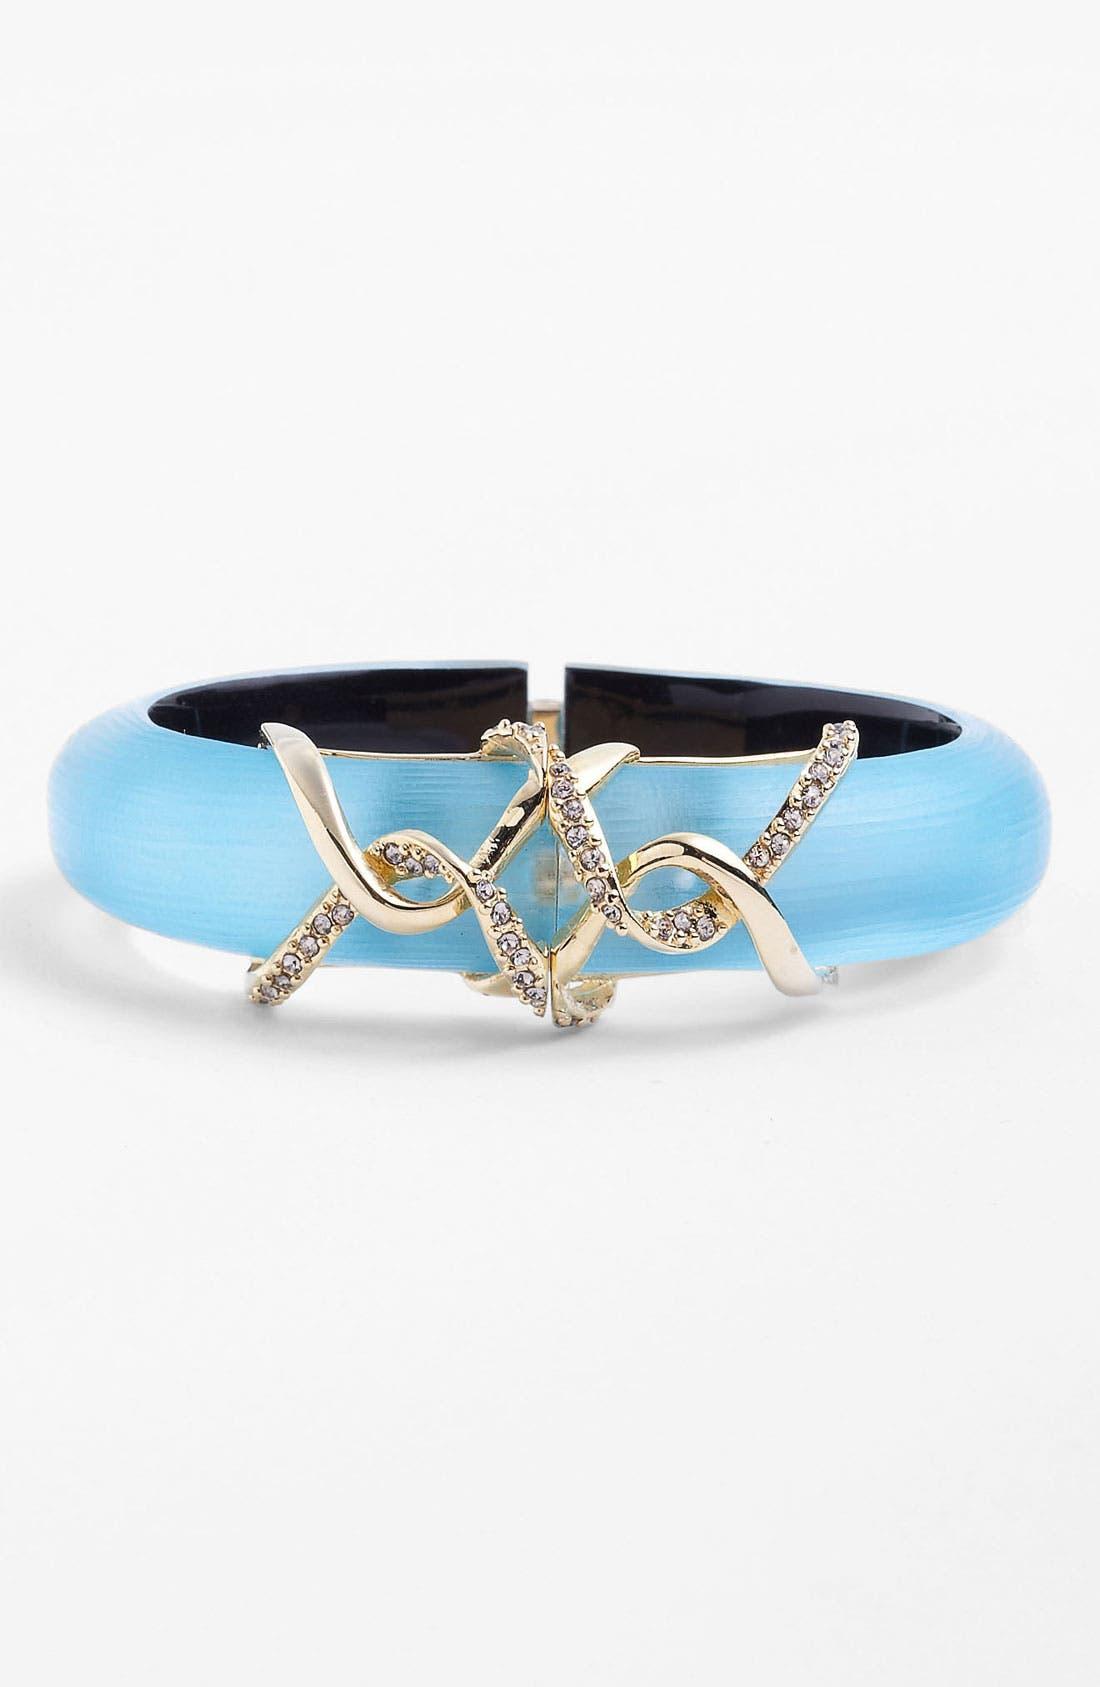 Main Image - Alexis Bittar 'Lucite® - Mod' Wrap Bracelet (Nordstrom Exclusive)